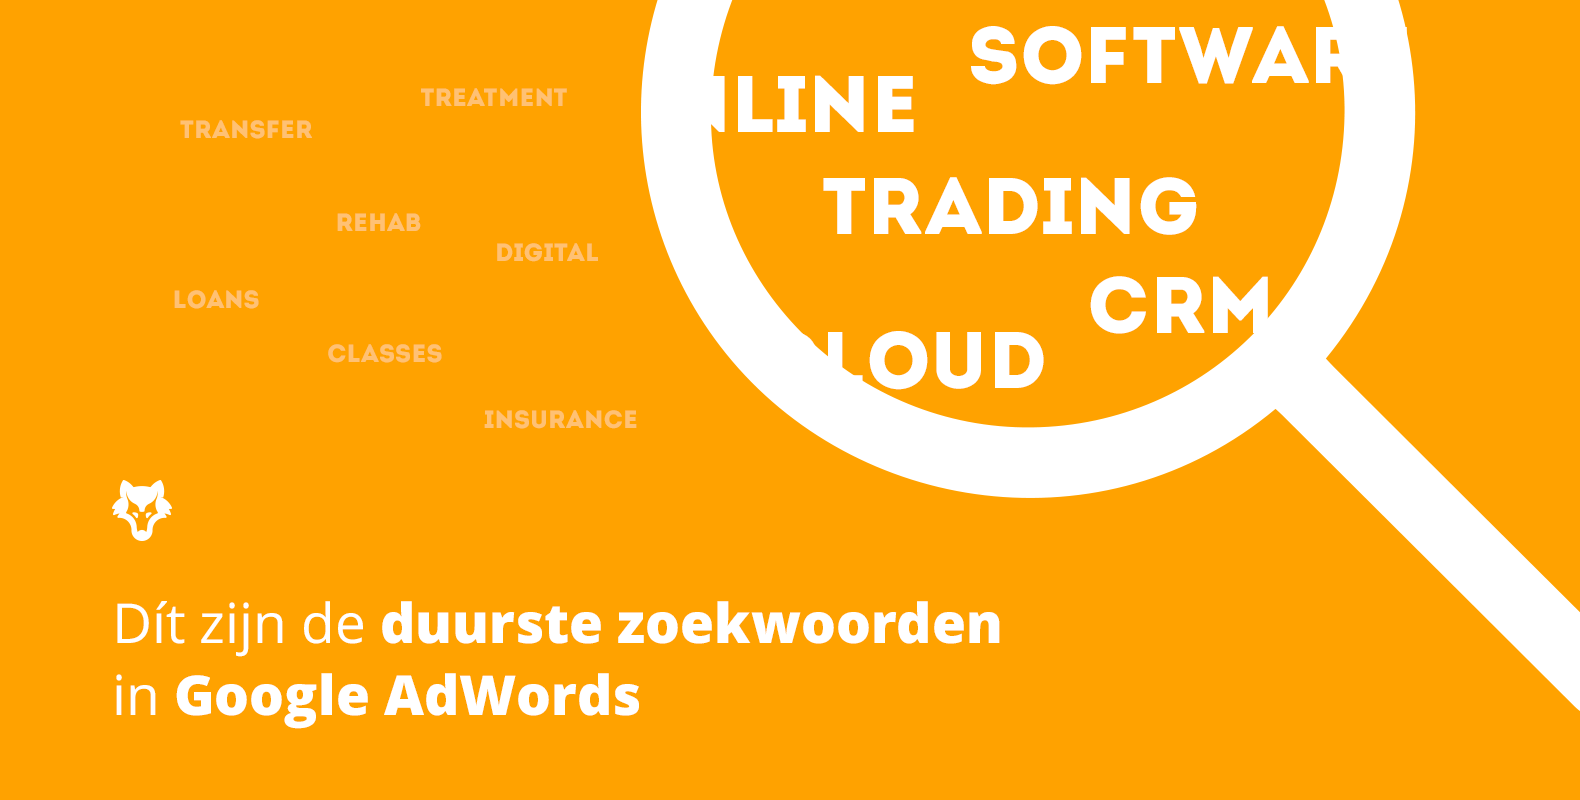 Dít zijn de duurste zoekwoorden in Google AdWords